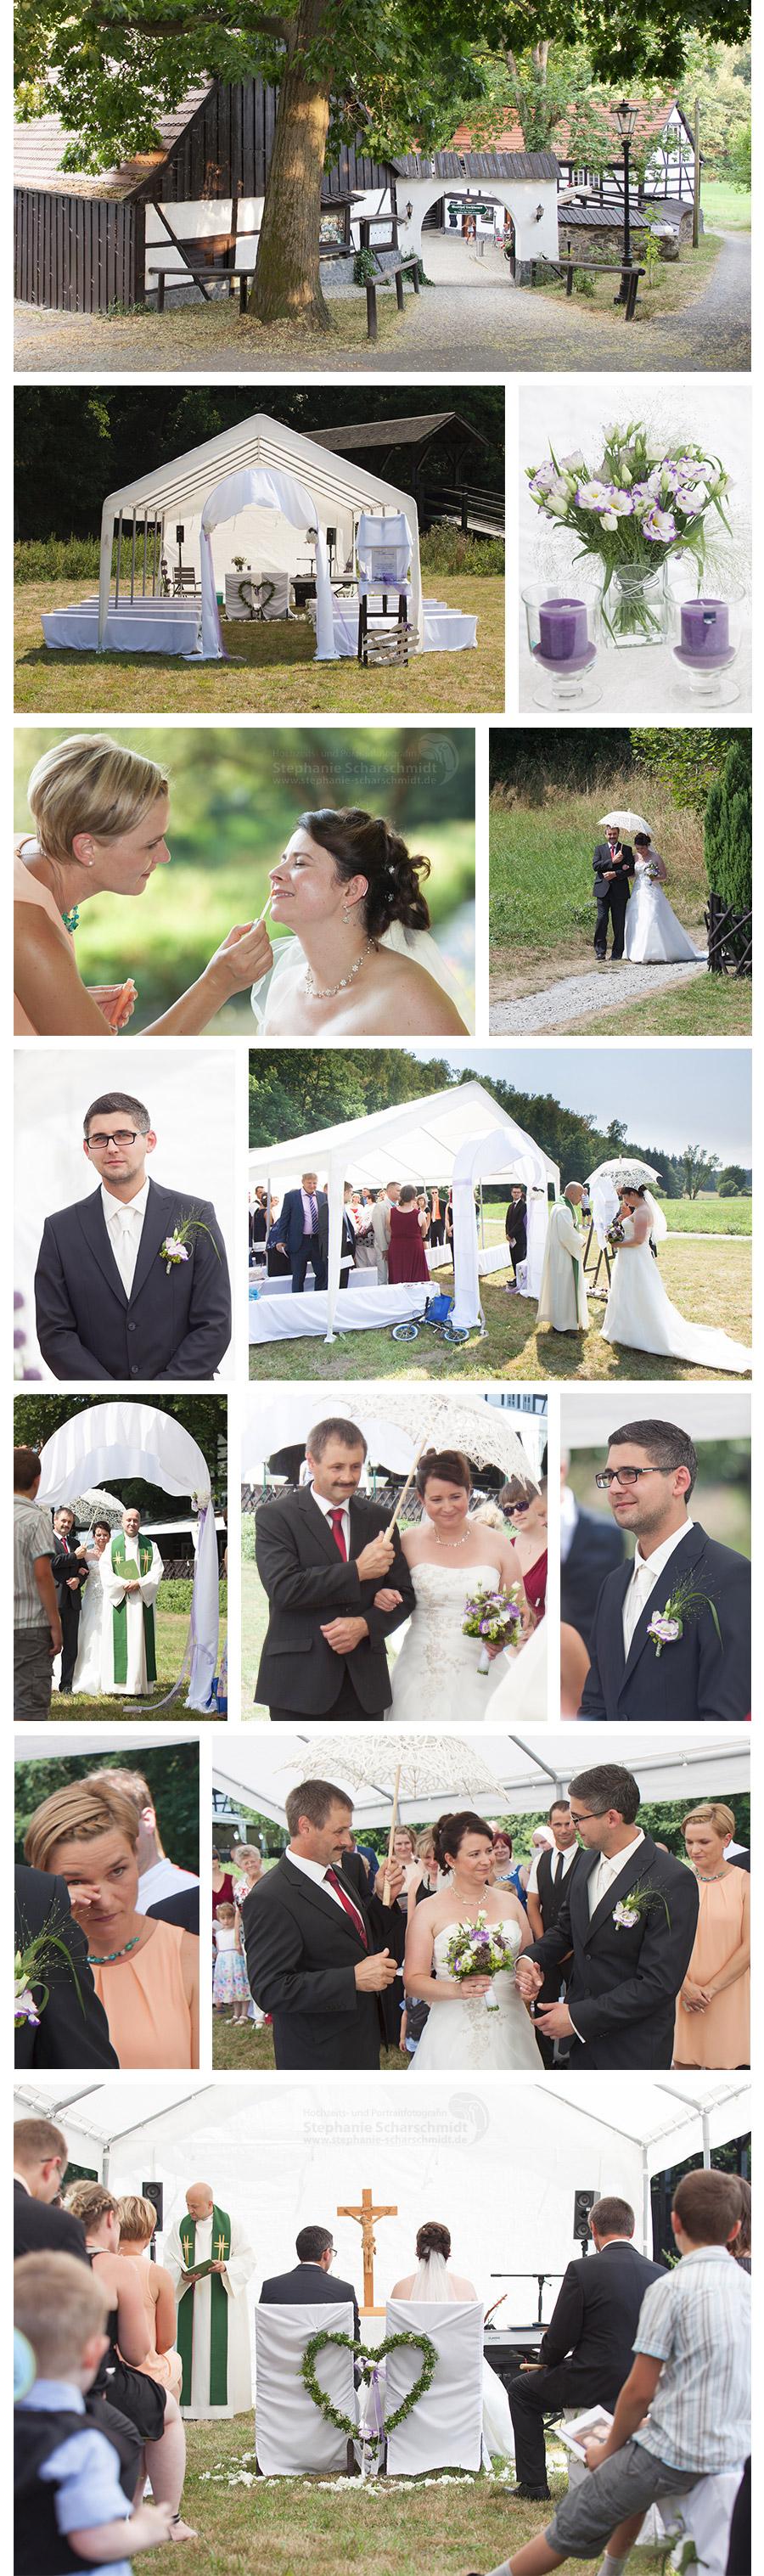 Hochzeit in Gebärdensprache in der Pension und Restaurant Lochbauer in Plauen – Stephanie Scharschmidt Hochzeitsfotograf Plauen